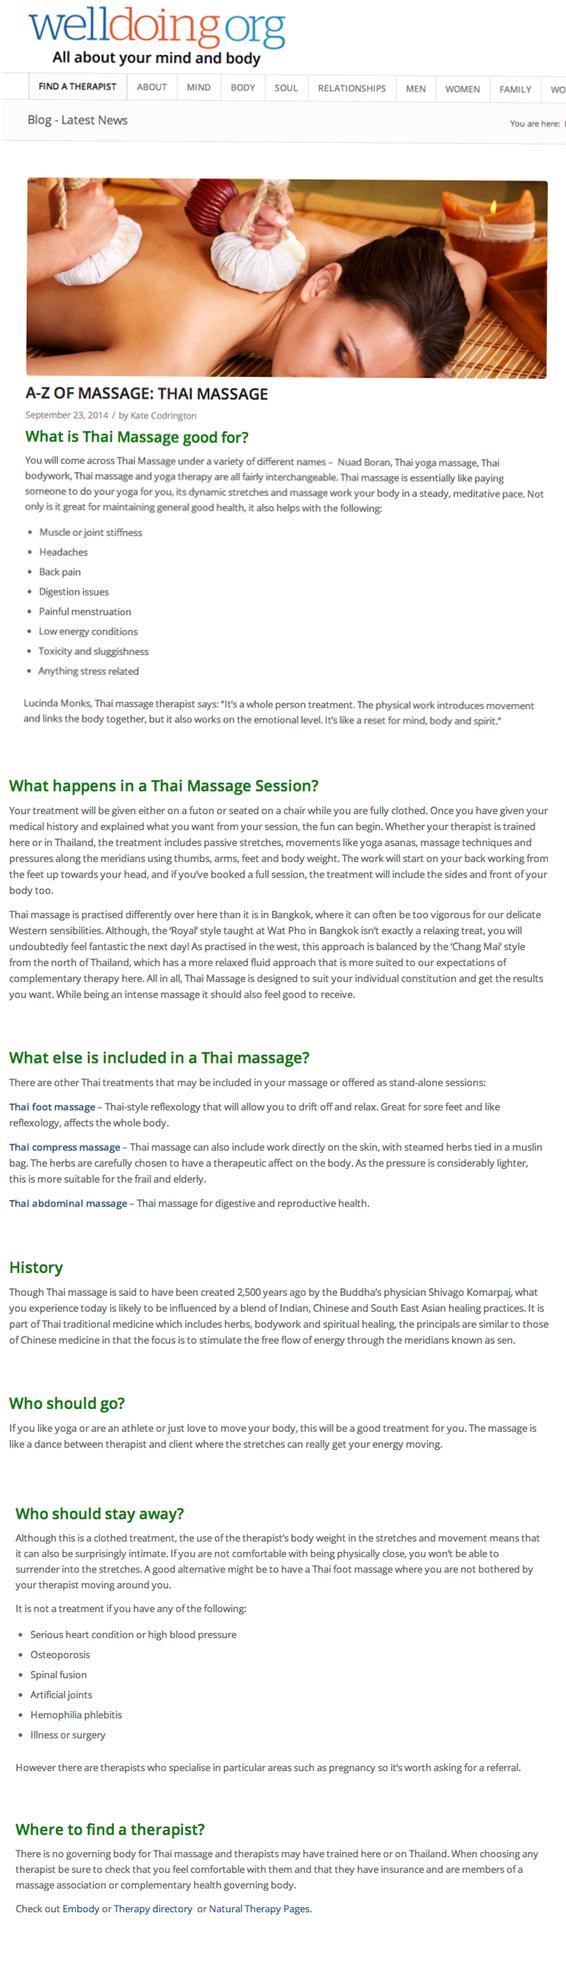 A-Z of Massage - Thai Massage